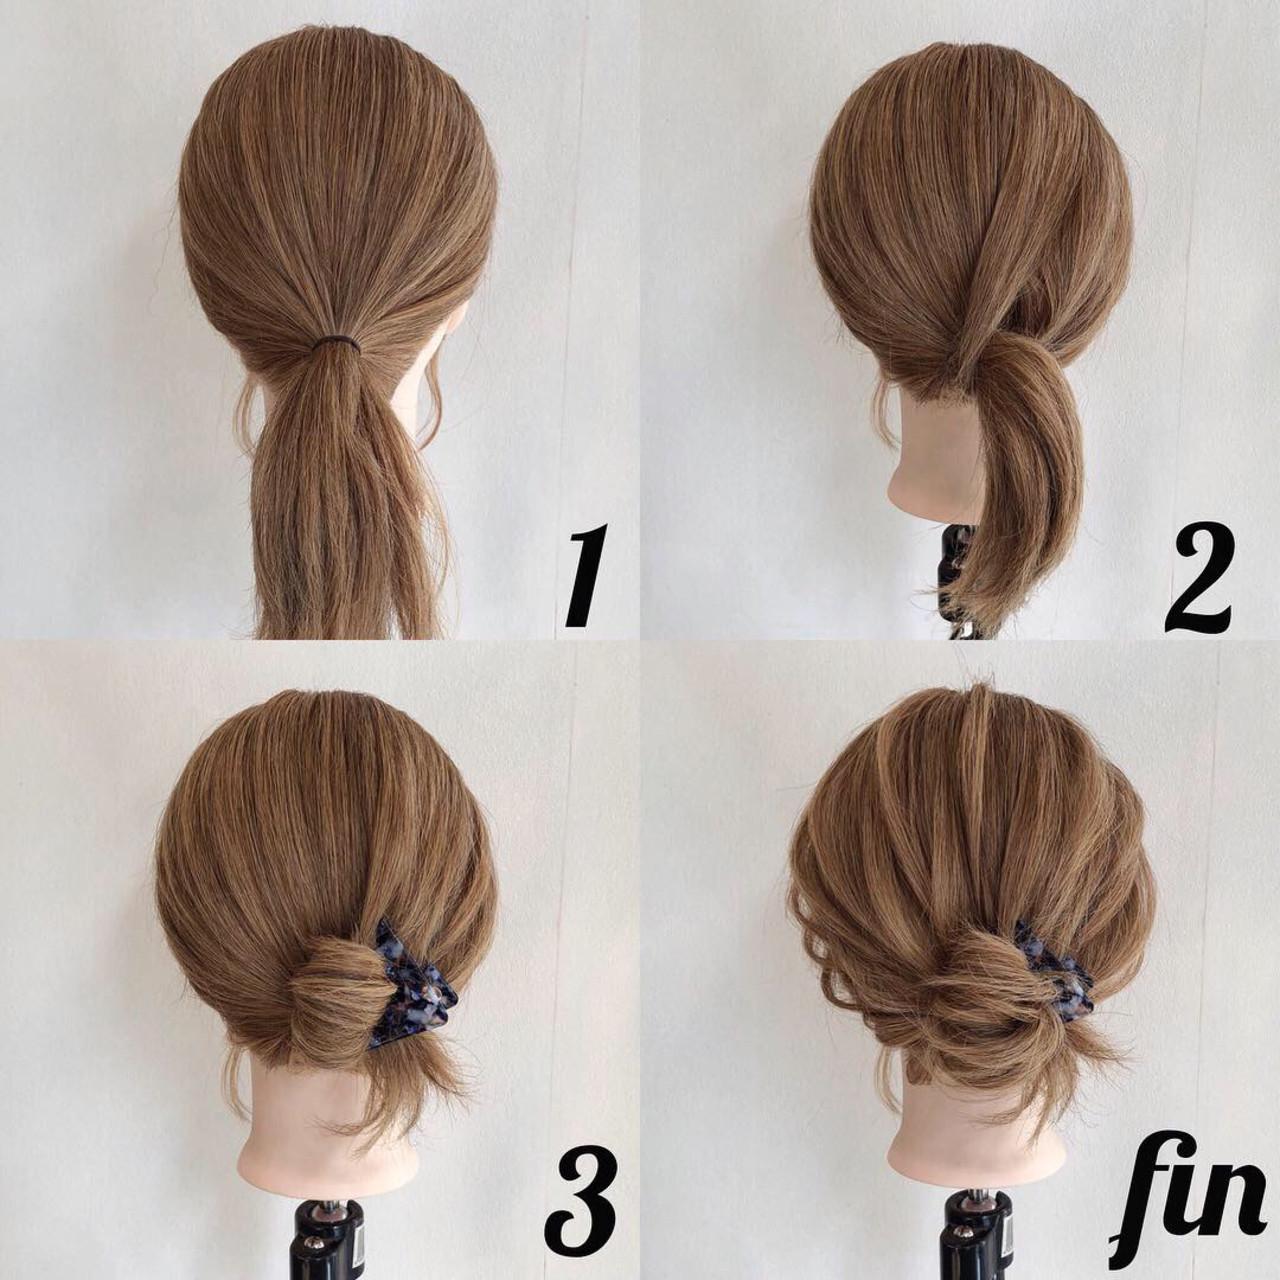 簡単可愛いまとめ髪!アレンジポイントとアレンジテクをご紹介♪